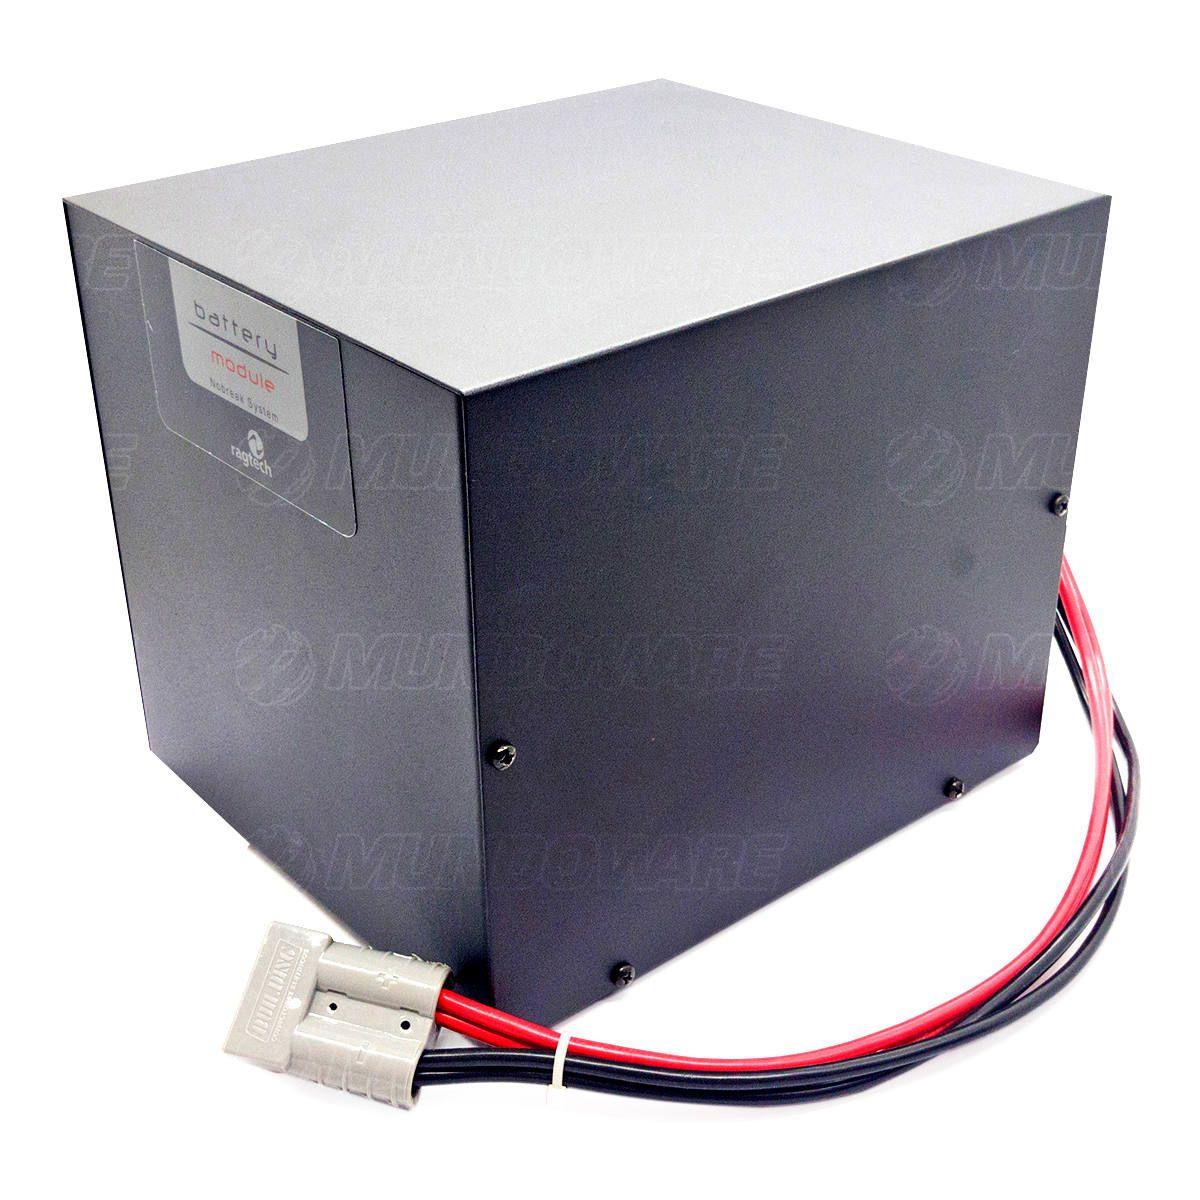 Módulo de Bateria Externa para Nobreak 40Ah 12V com Cabo para Engate Integrado Ragtech A40/12 (Não Acompanha Bateria)